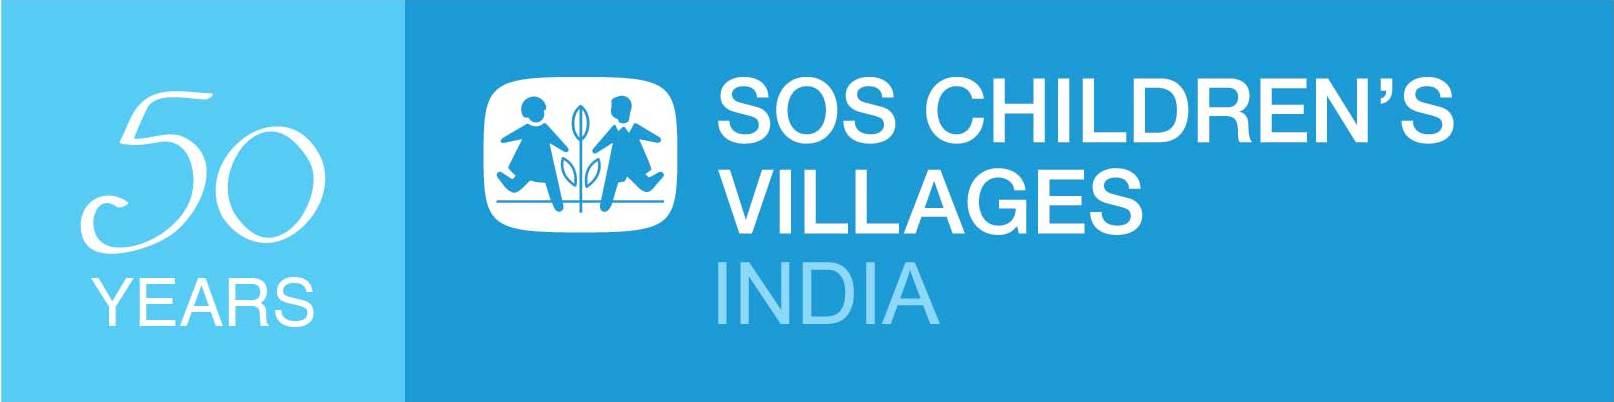 SOS Children's Villages of India